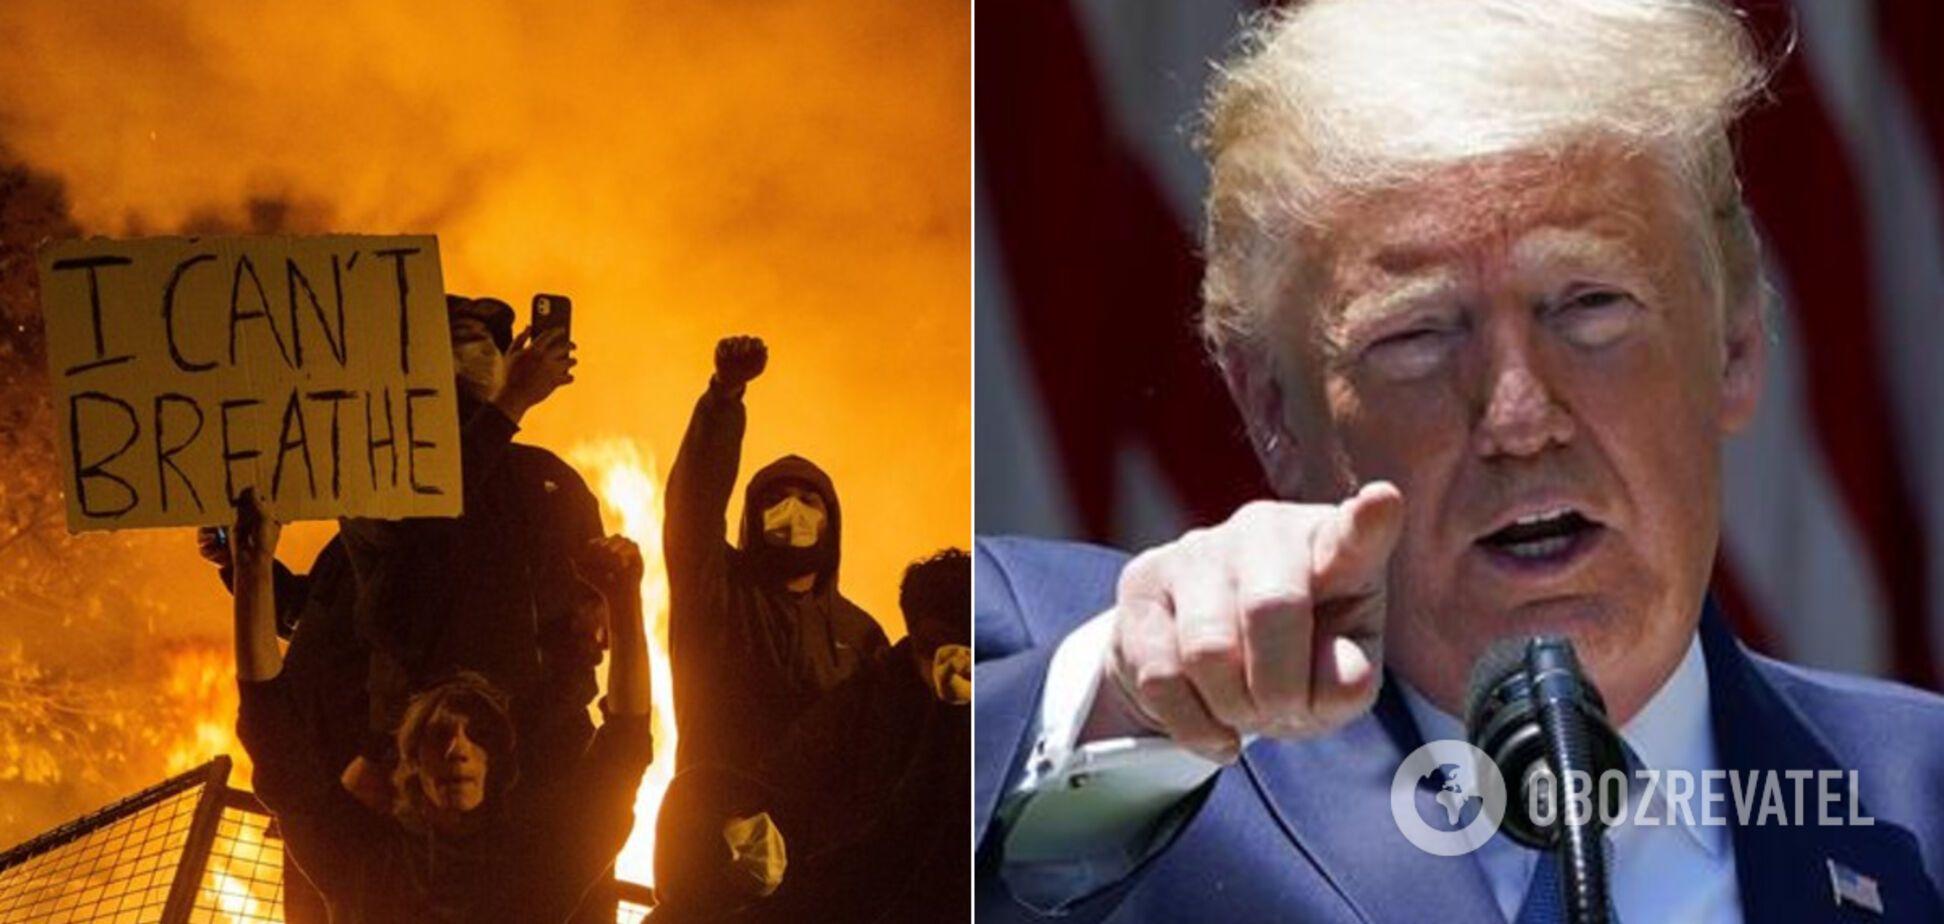 Трамп признает движение 'Антифа' террористами: кто это такие